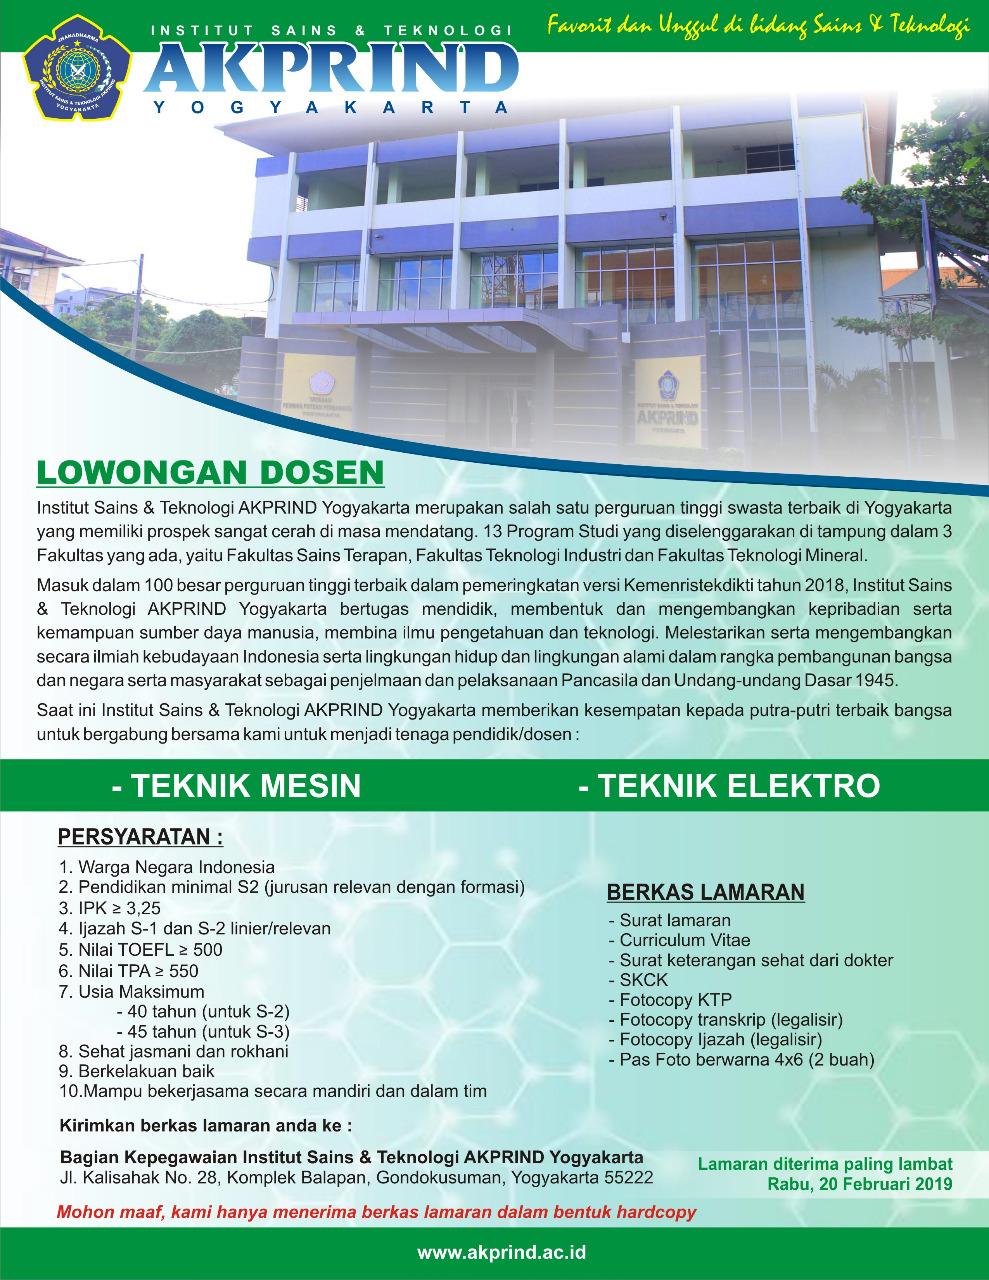 Lowongan Dosen Jurusan Teknik Mesin dan Teknik Elektro